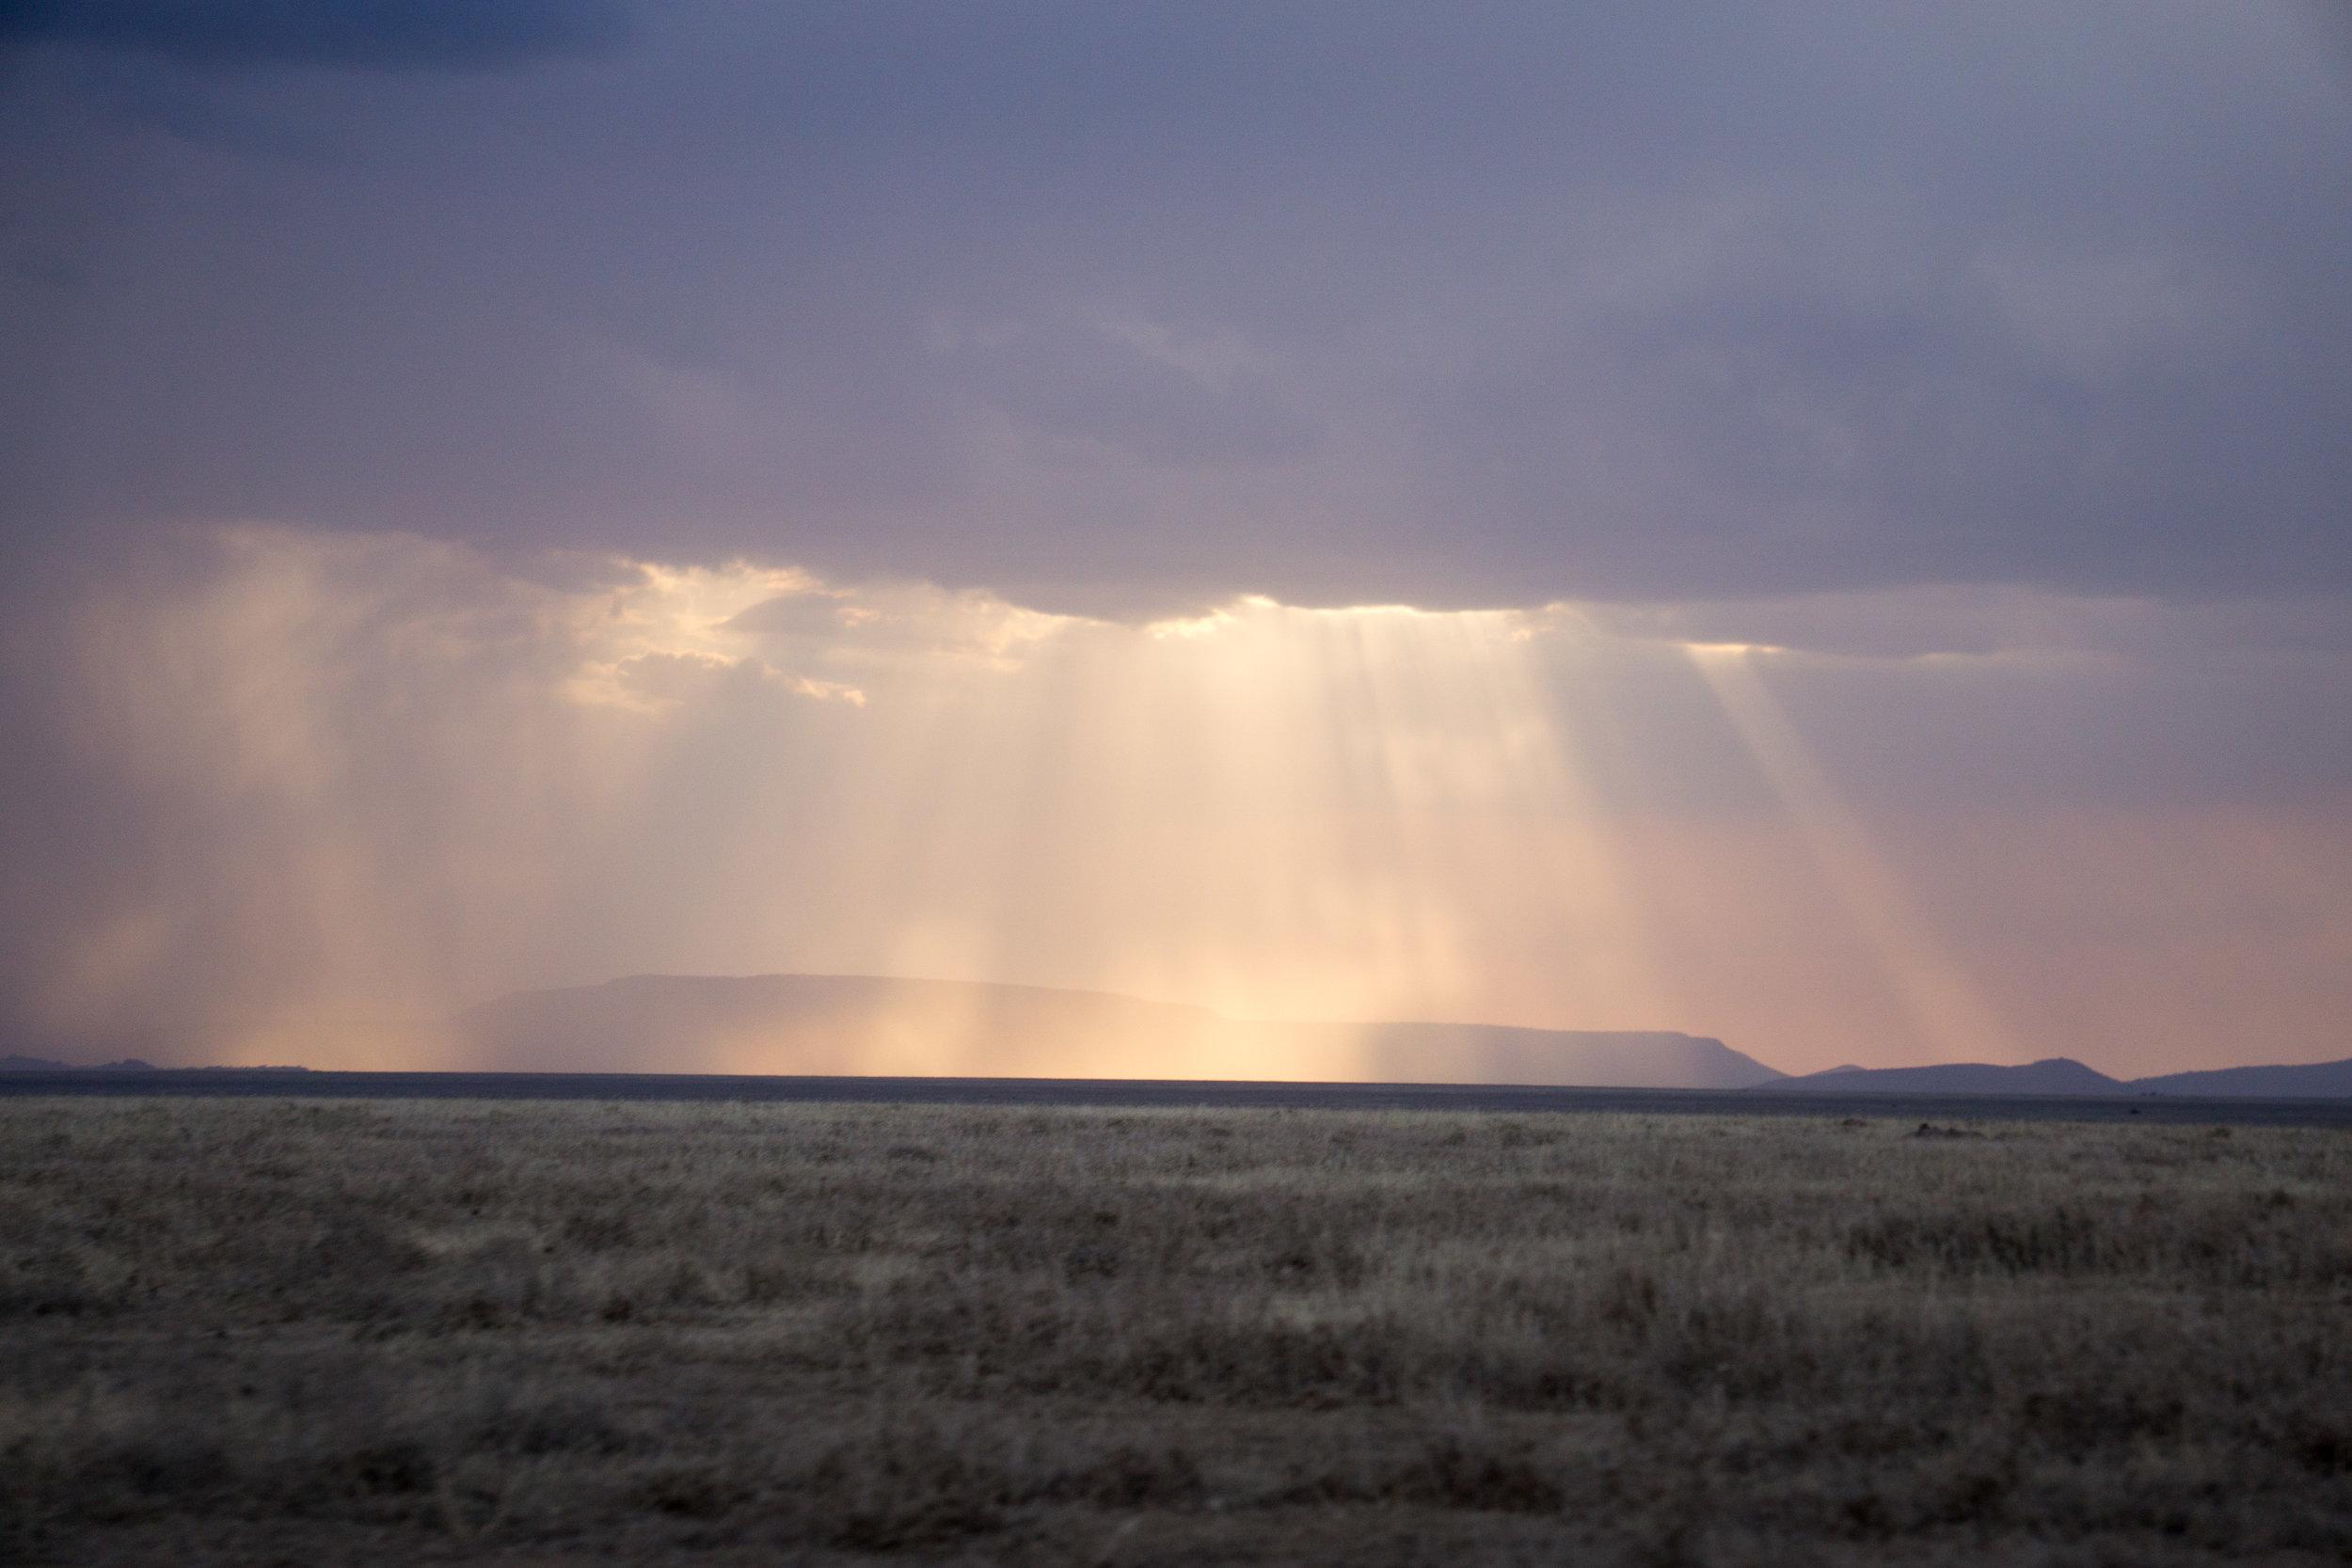 Rain and sun rays across the savannah.